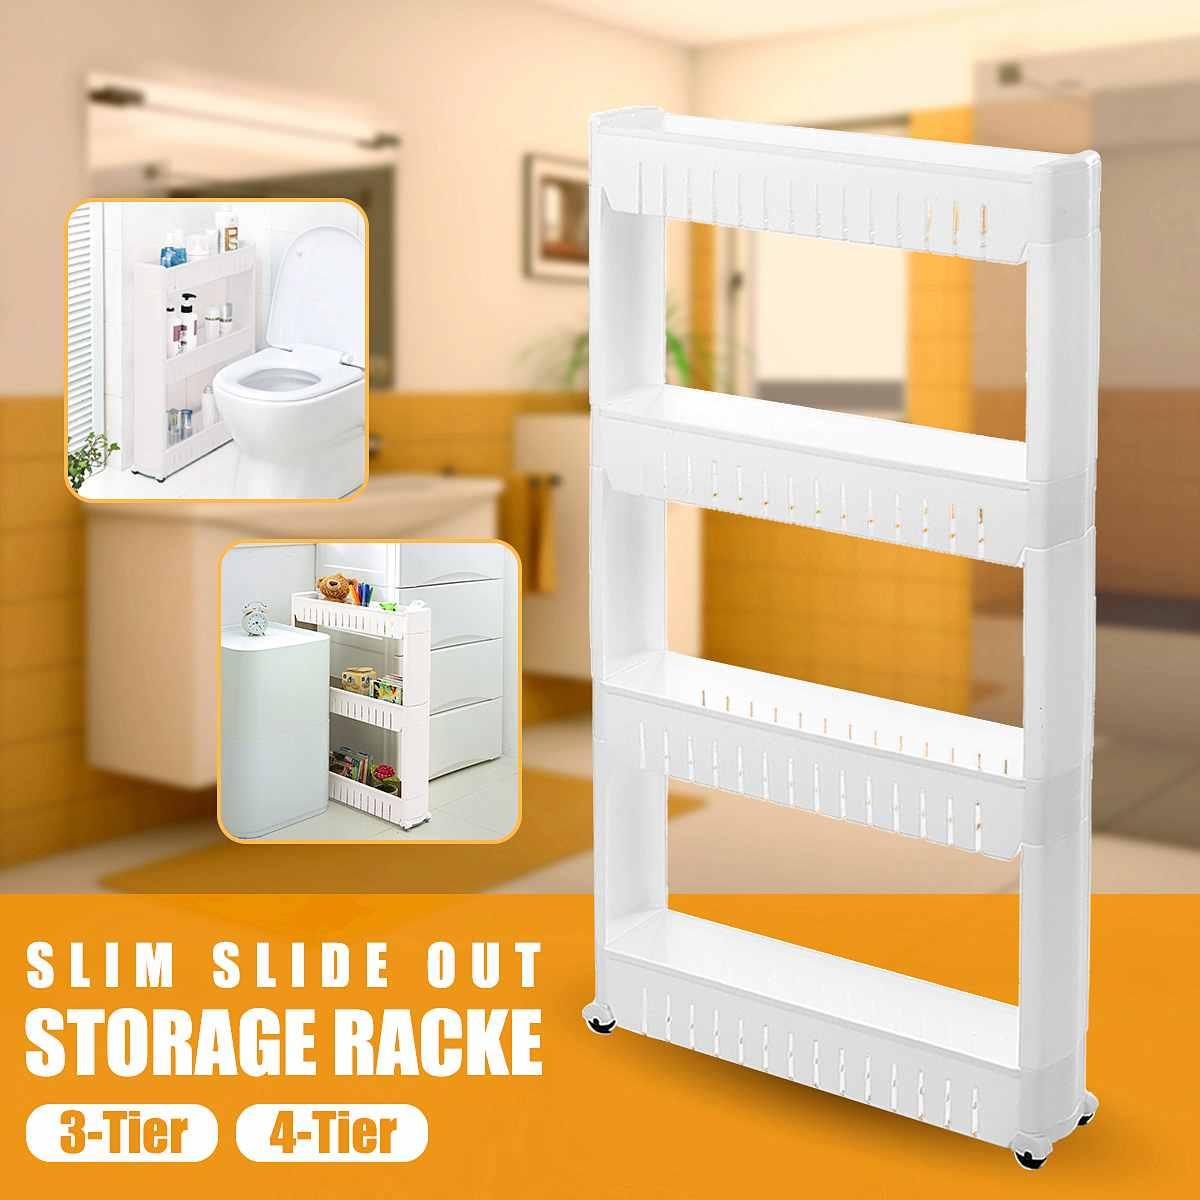 3/4 Tier Kitchen Trolley Rack Slim Slide Out Home Storage Holder Shelf Rack Kitchen Bathroom Cart Home Organizer With Wheels